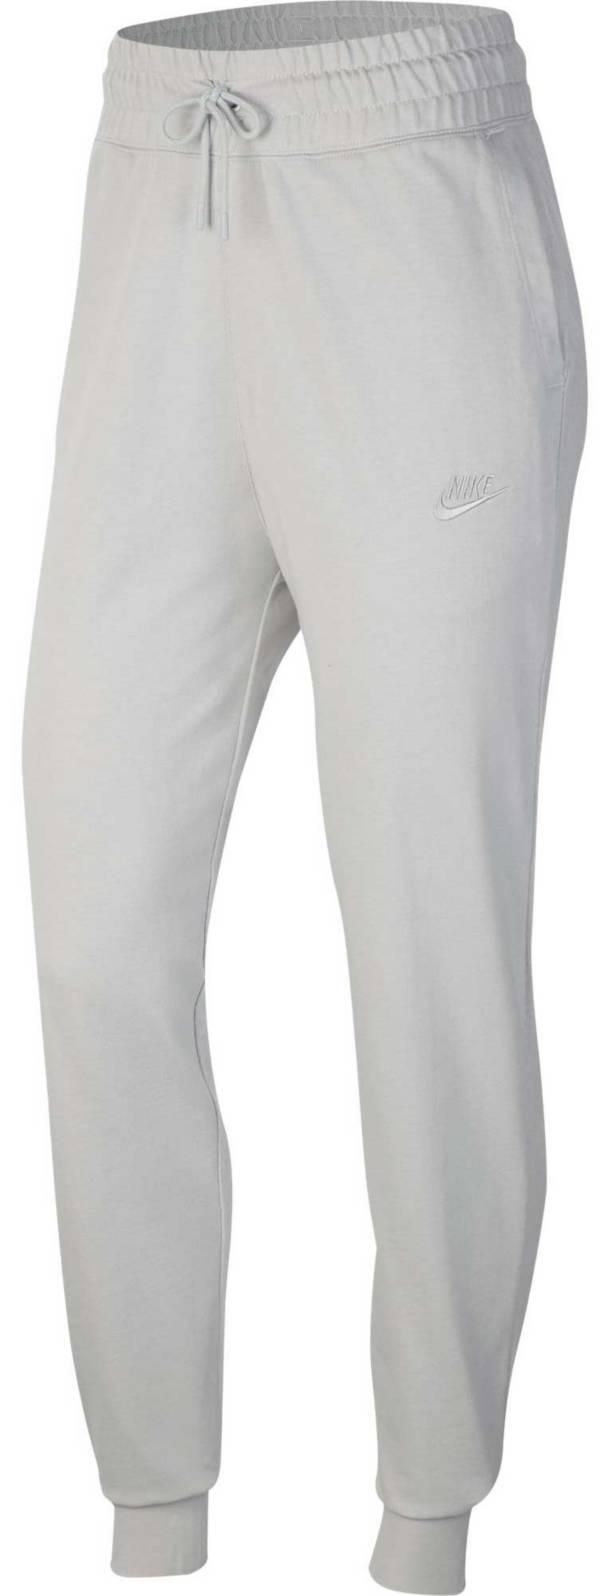 Nike Sportswear Women's Jersey Joggers product image